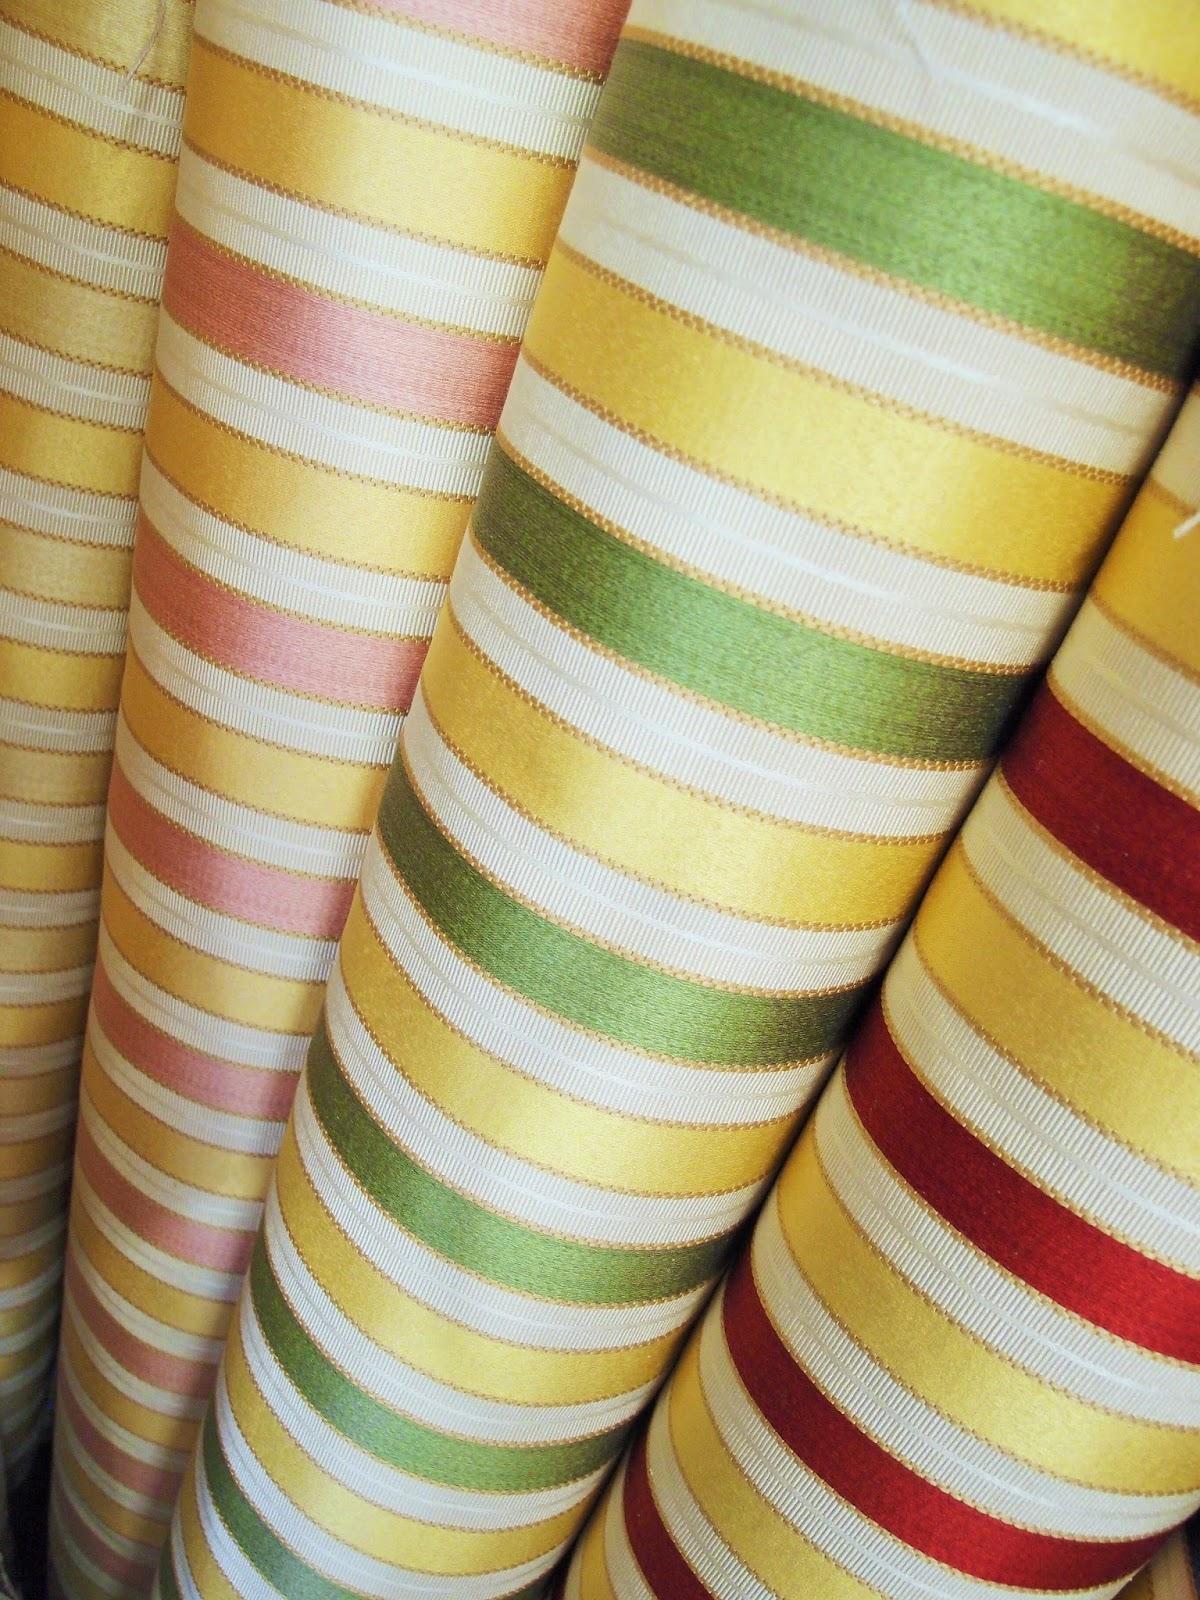 I tessuti ed i dettagli sono totalmente personalizzabili in base a gusti ed esigenze di ogni singolo cliente. I Classici Tessuti Per Tappezzare Mobili Antichi Antichita Bellini